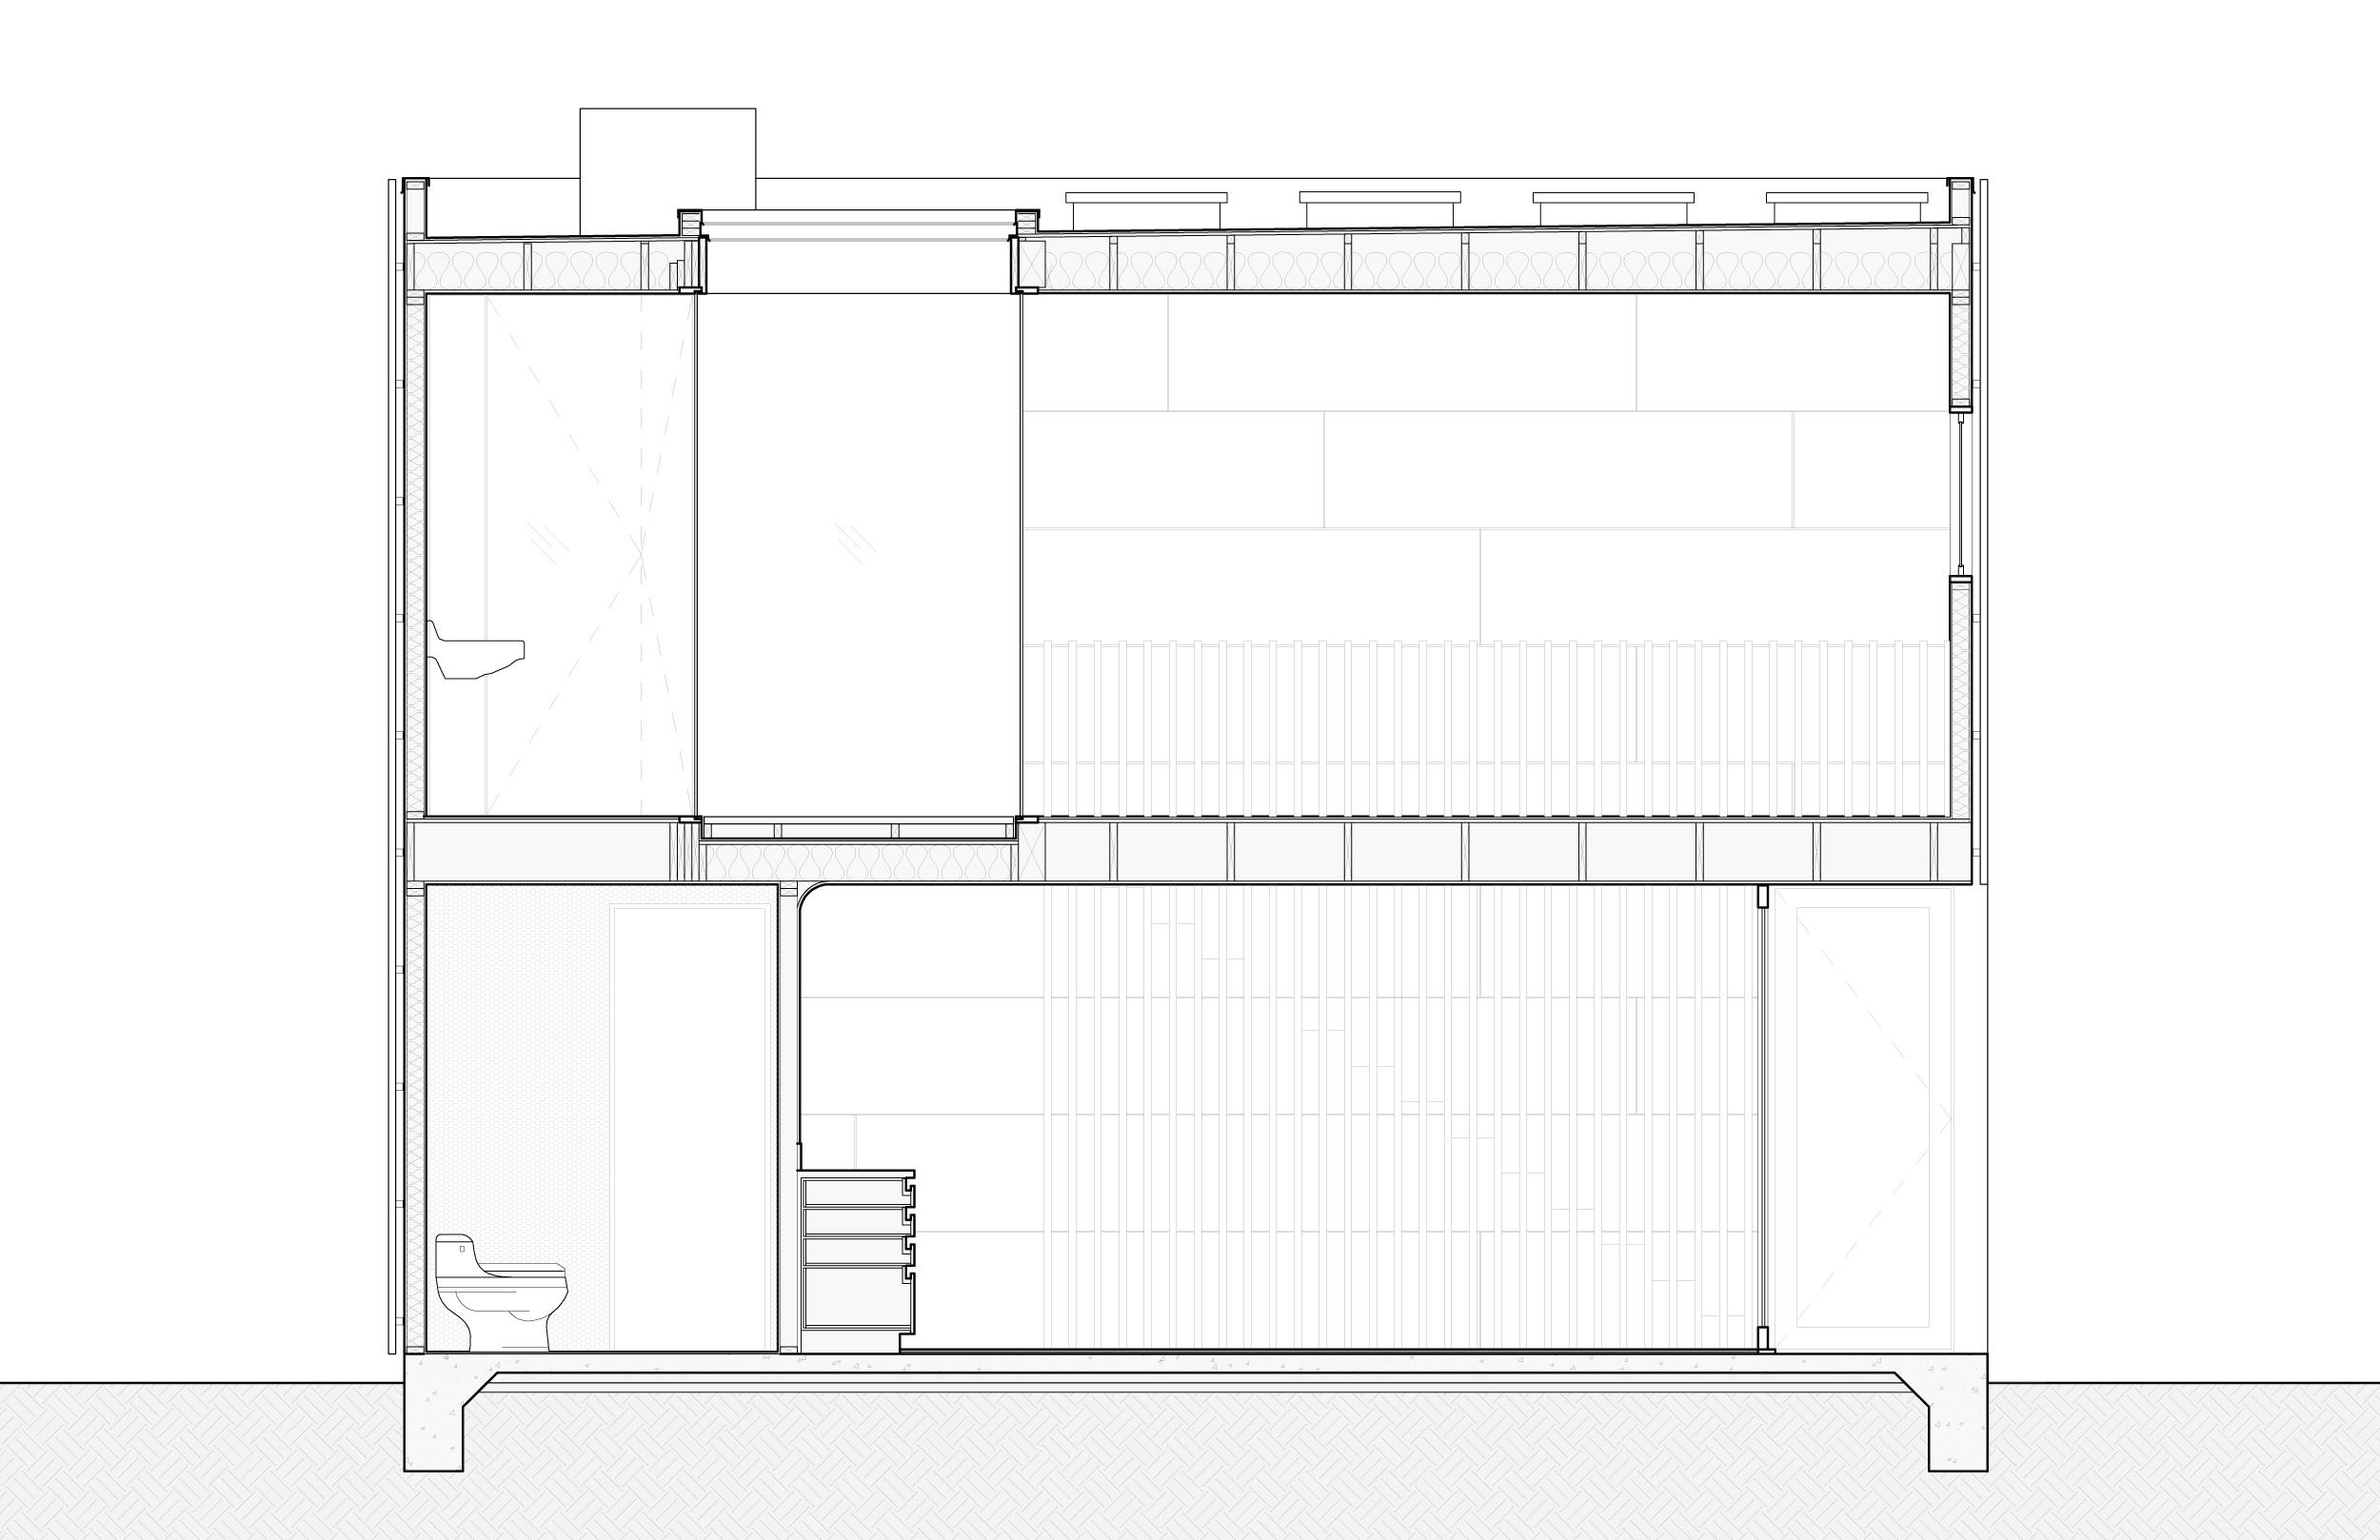 Section through the bathrooms, atrium and studio.